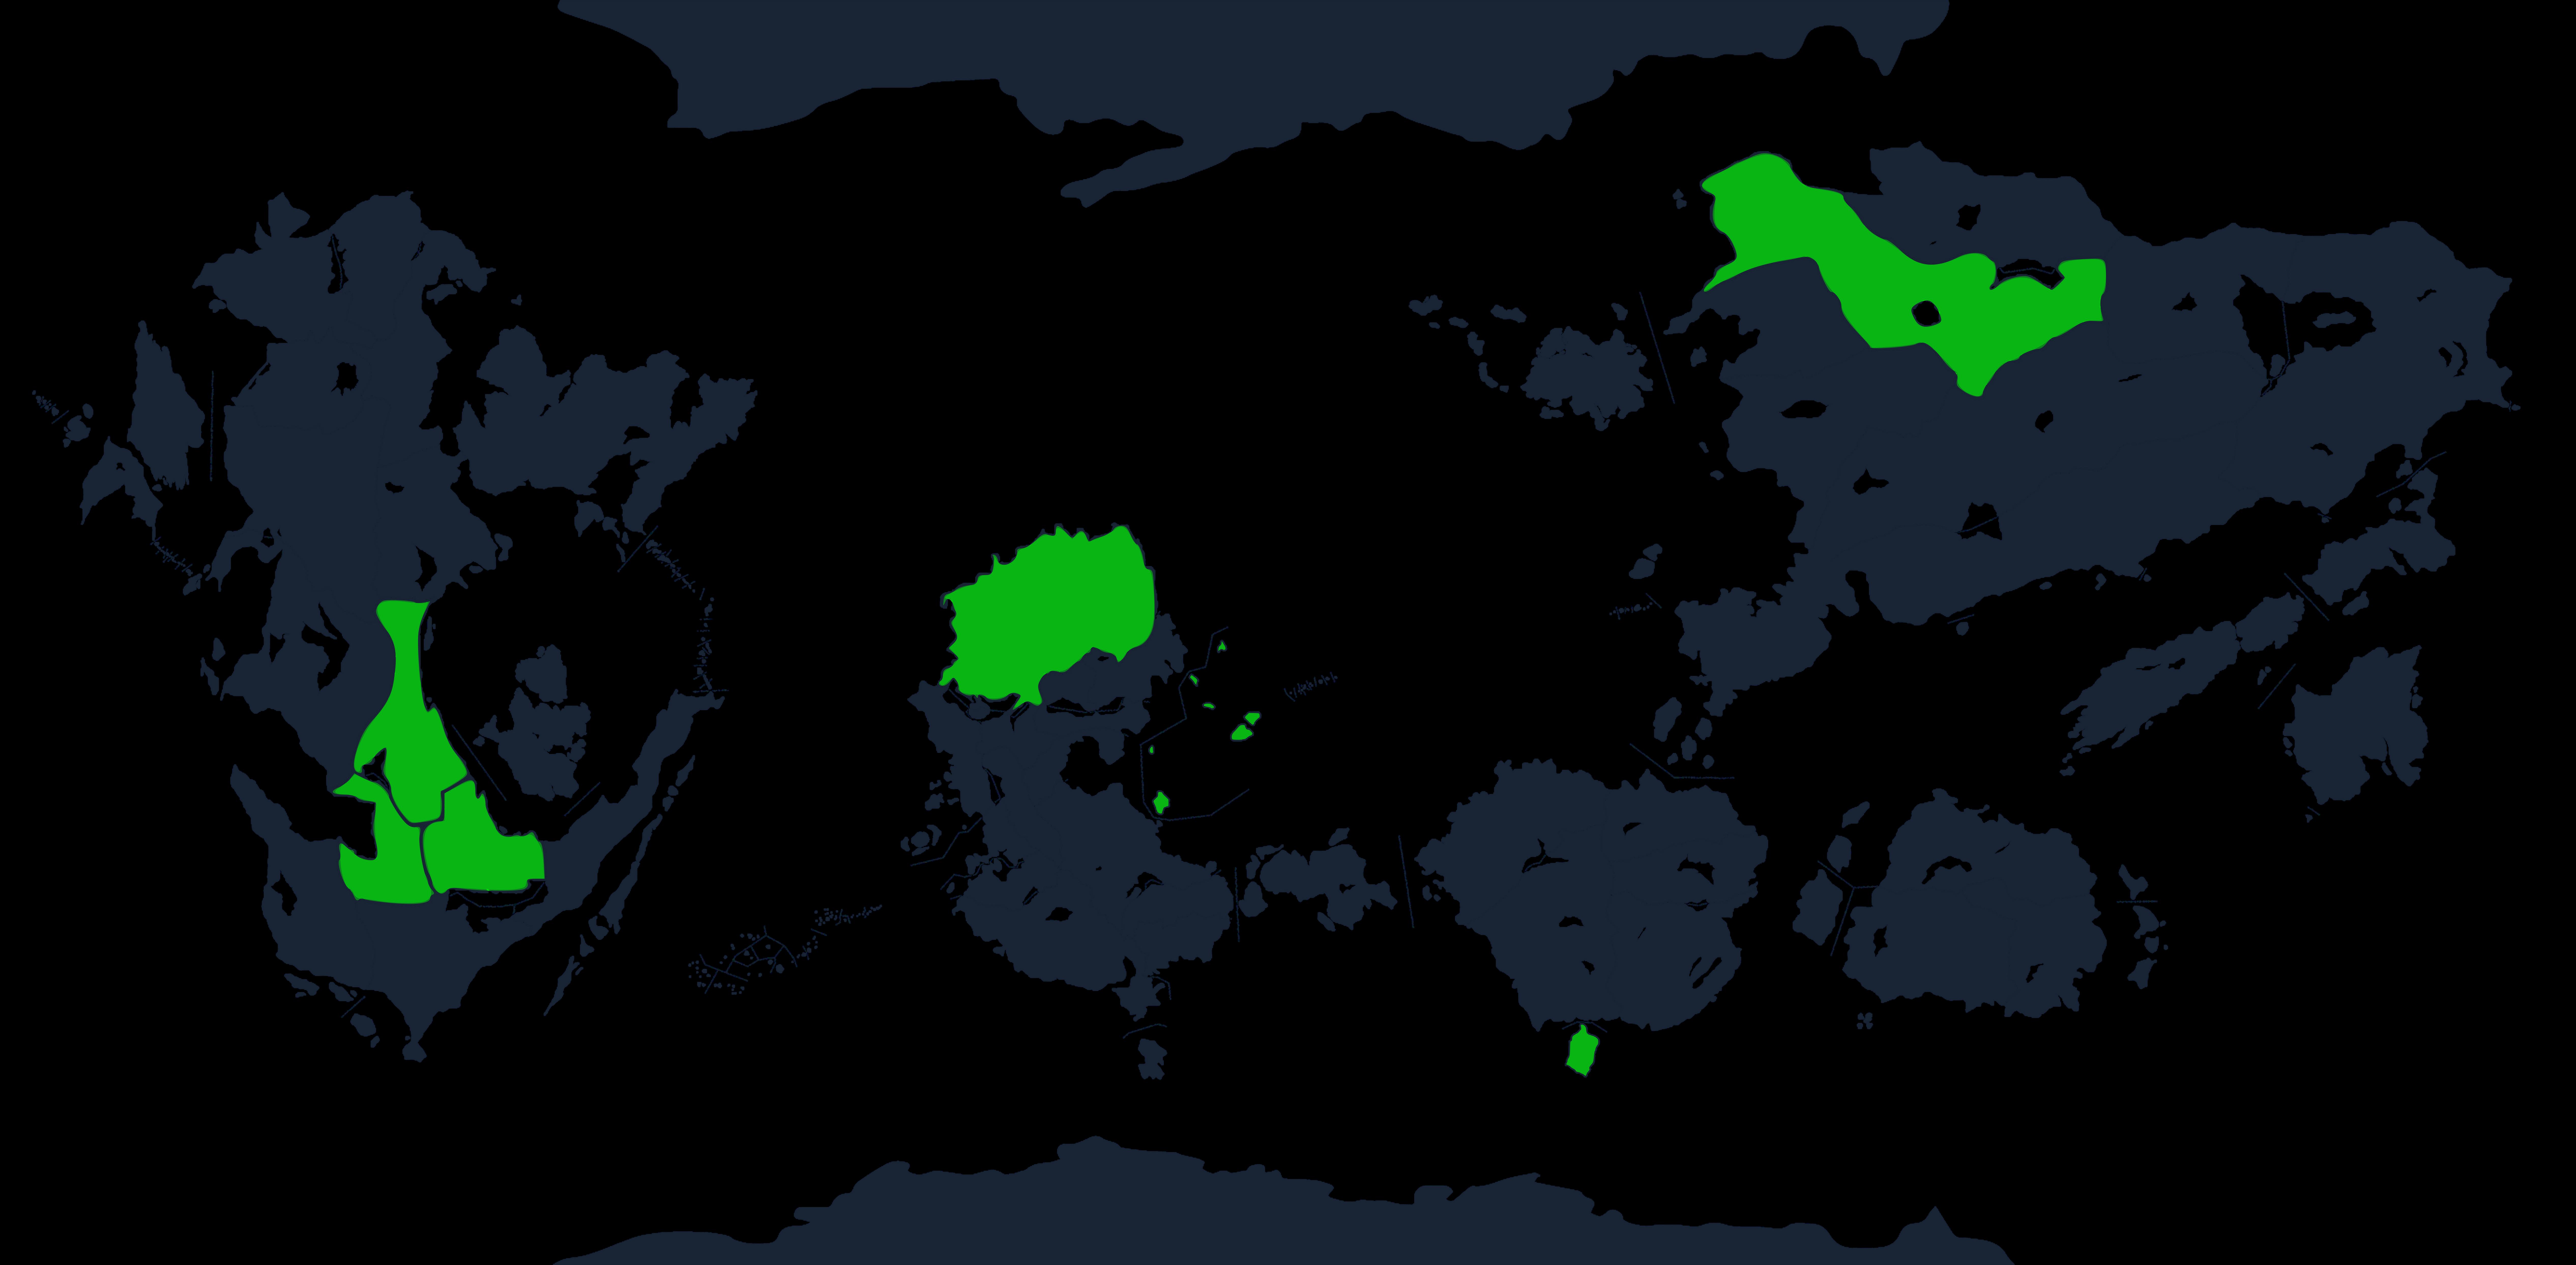 [OTEI] Organisation du Traité des Etats Indépendants - Page 2 18090912511525851